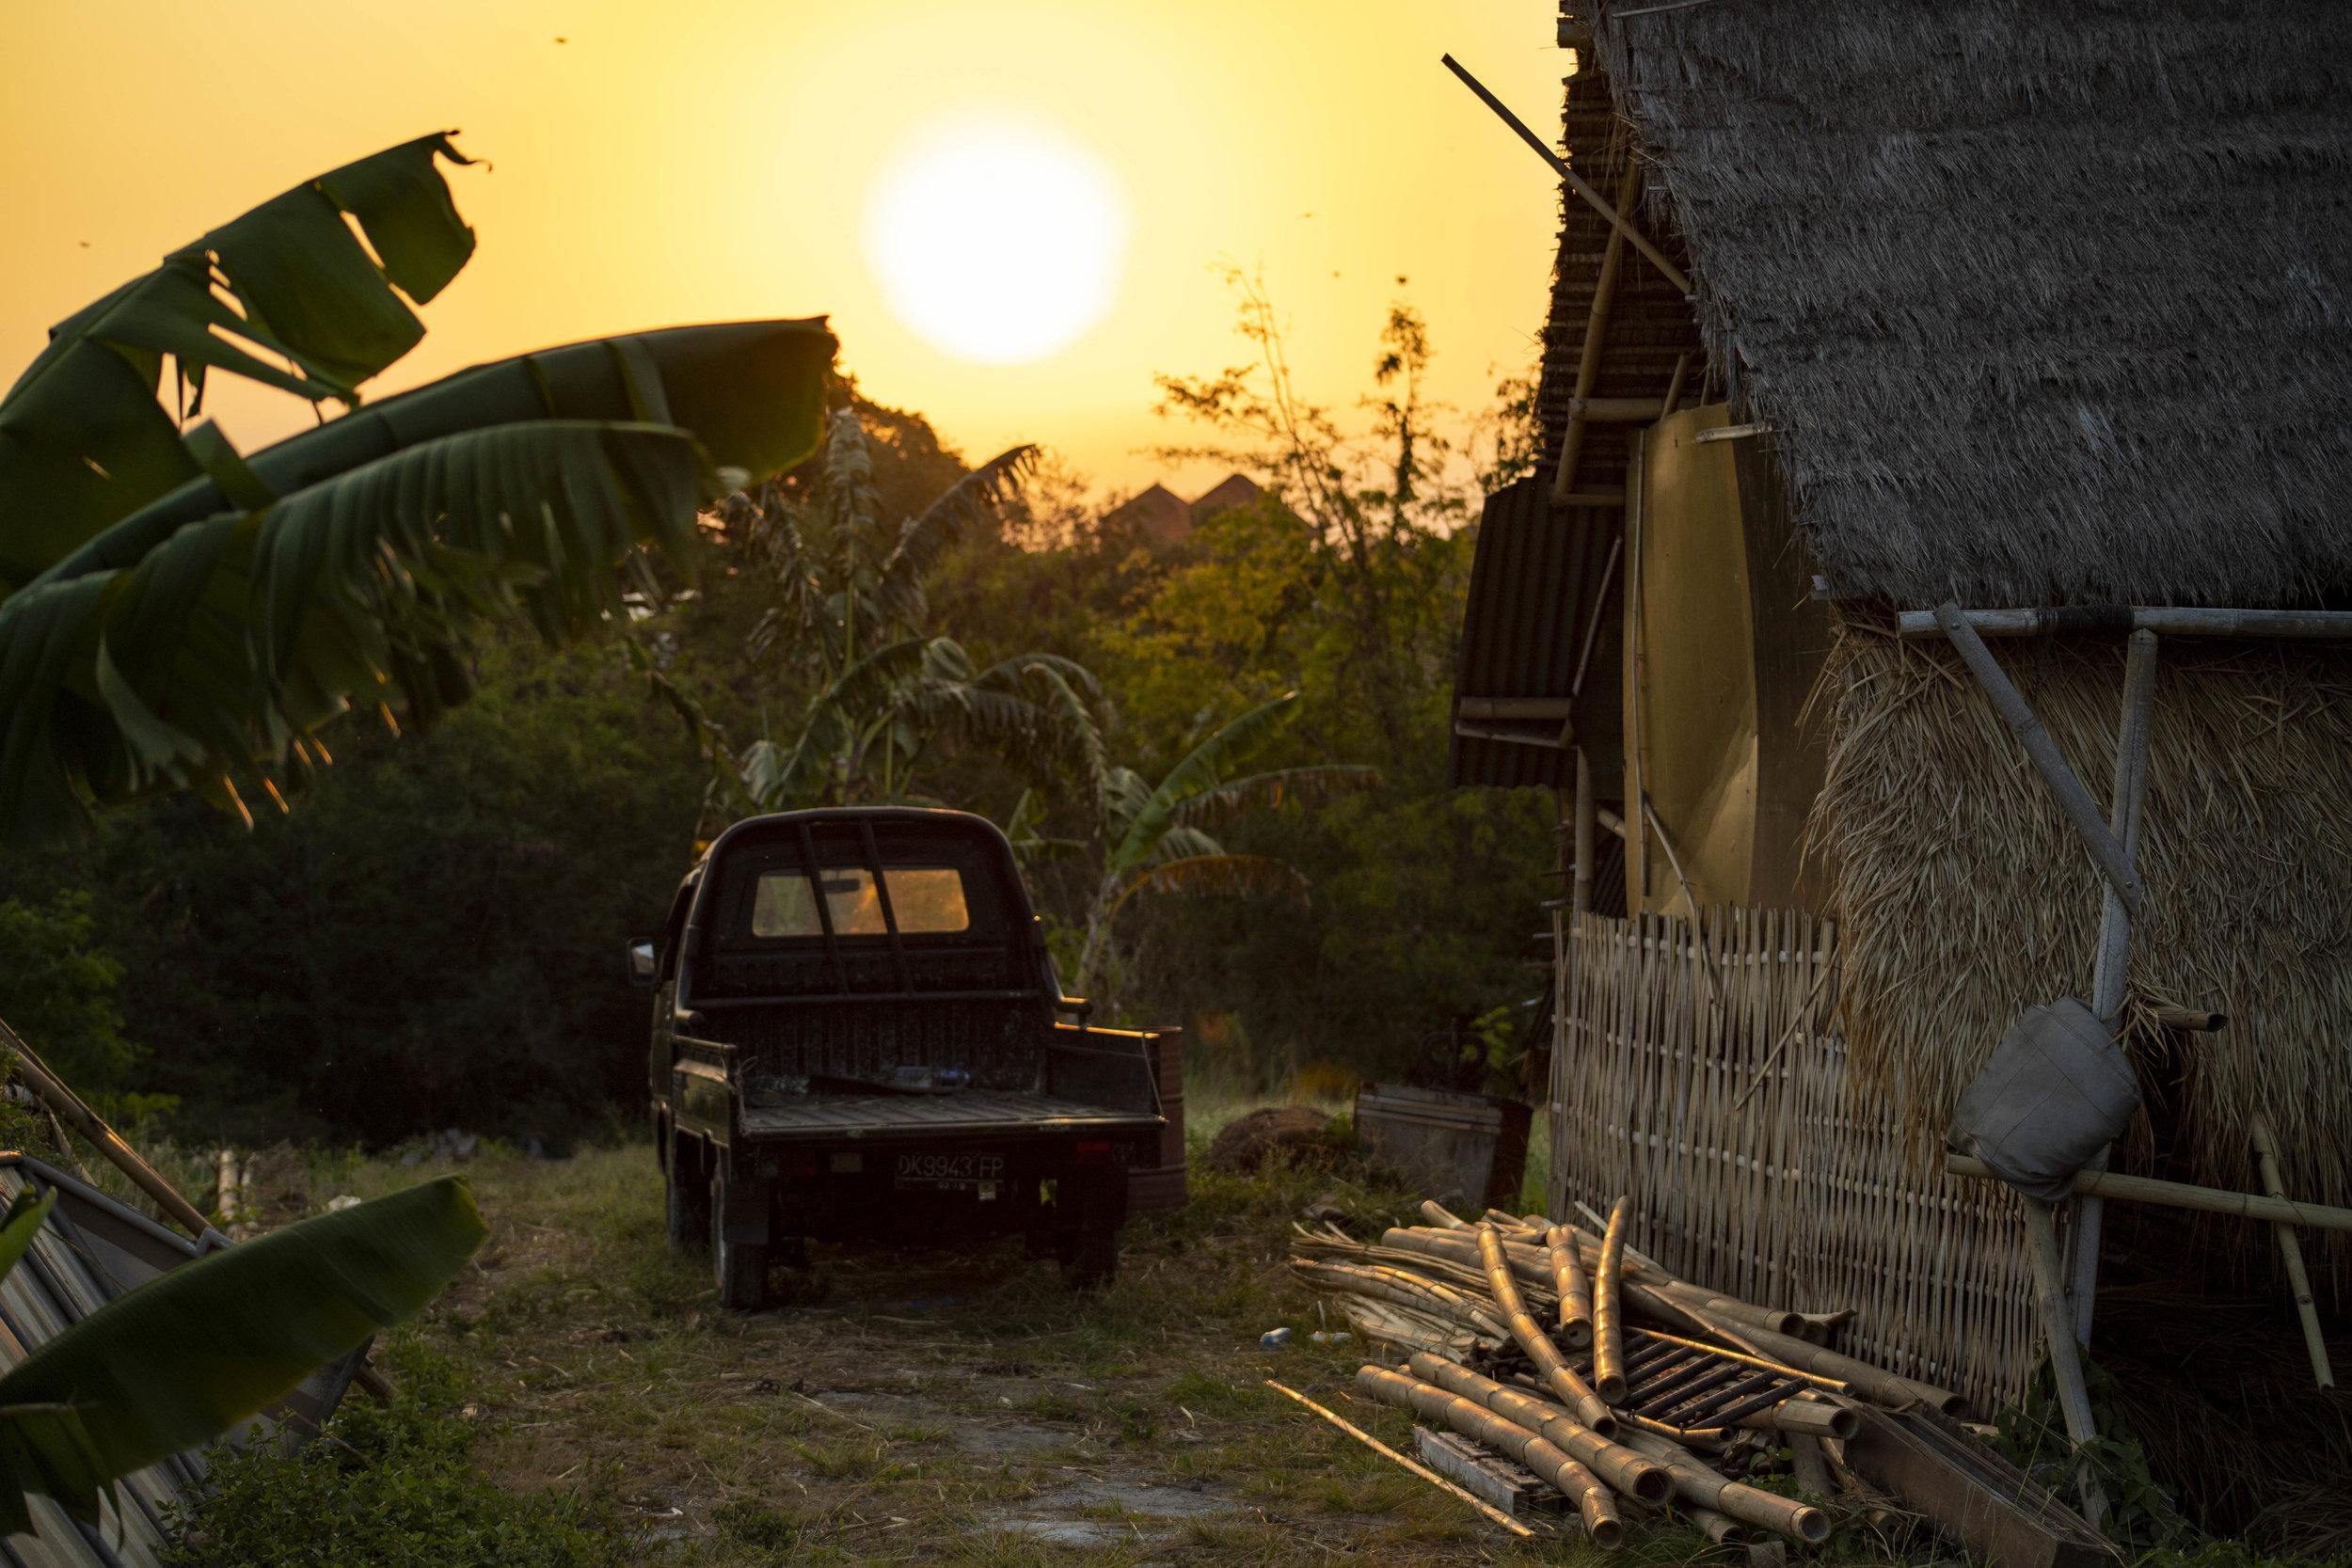 Sunset Truck.jpg